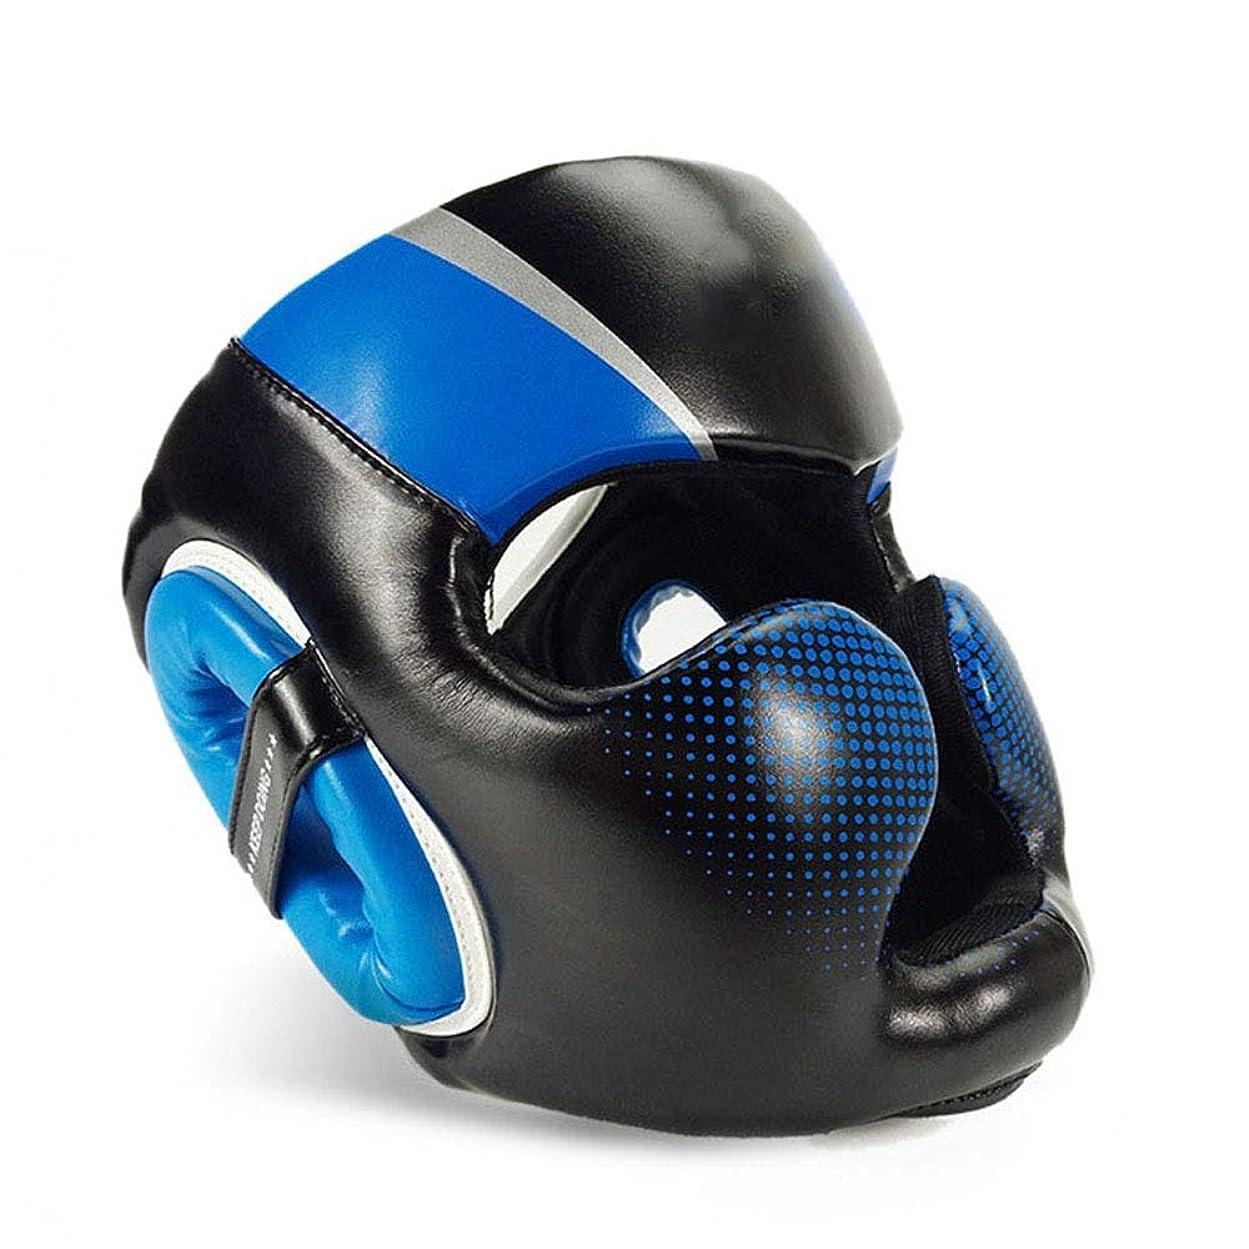 計算解釈するインサートボクシングヘッドギアpuレザーヘッドガードスパーリングヘルメットボクシング総合格闘技UFCムエタイキックボクシング混合武道 ボクシングヘッドギア (色 : 青, サイズ : XL)